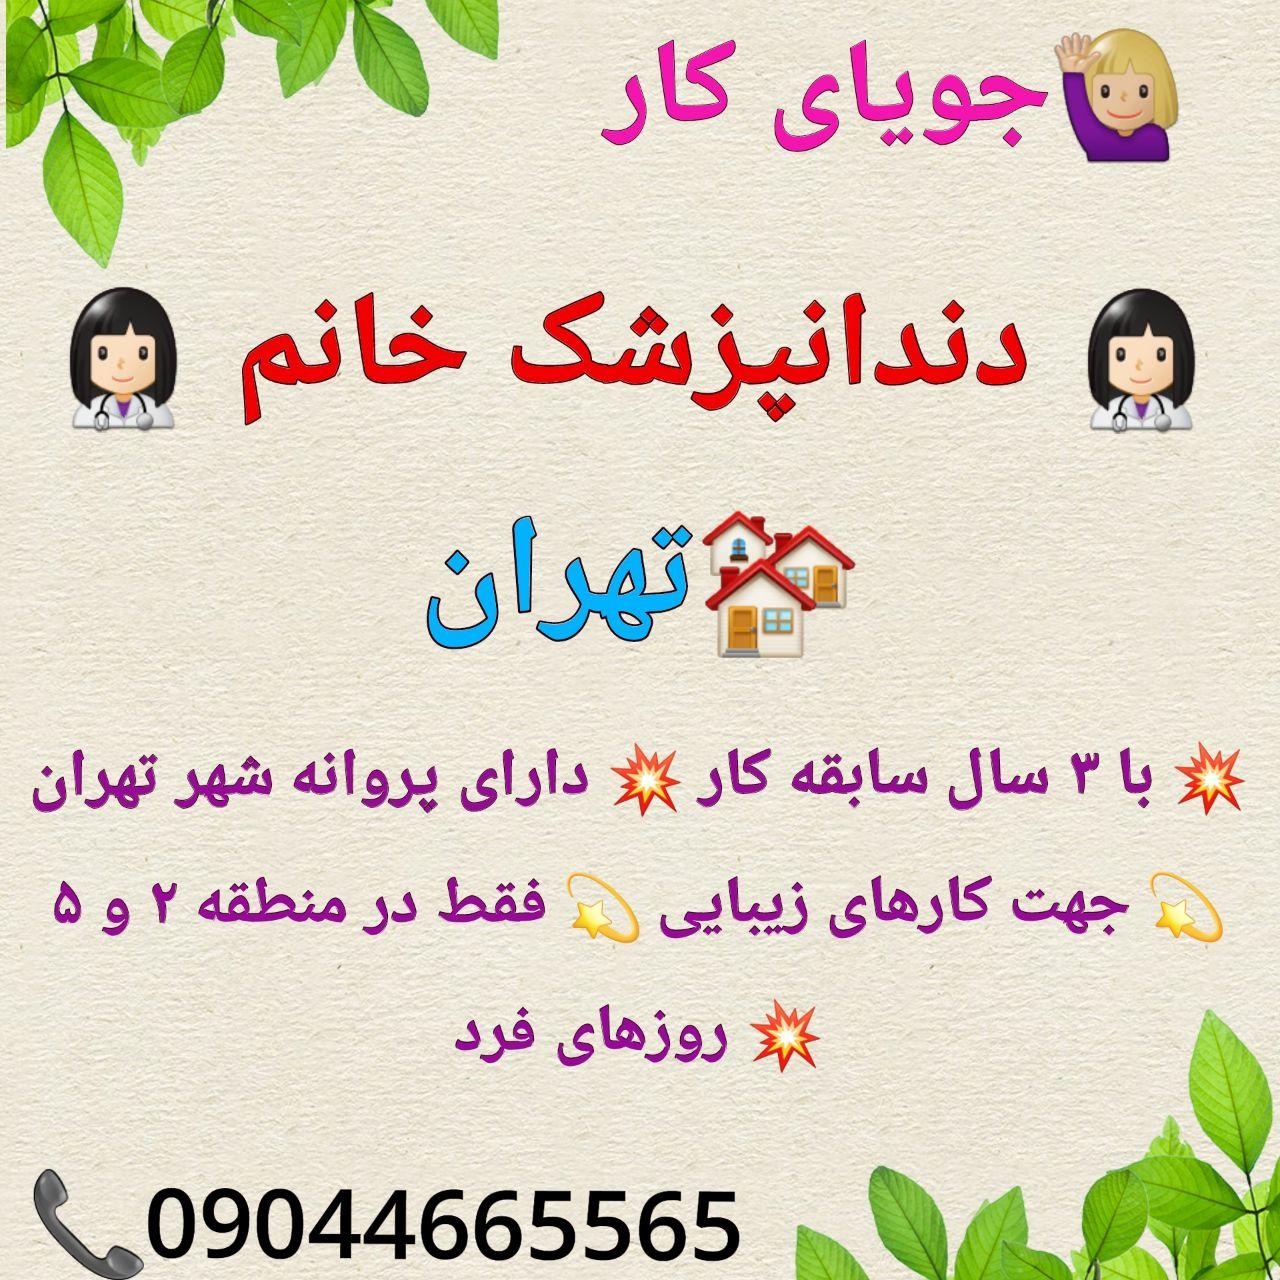 تهران: جویای کار دندانپزشک خانم